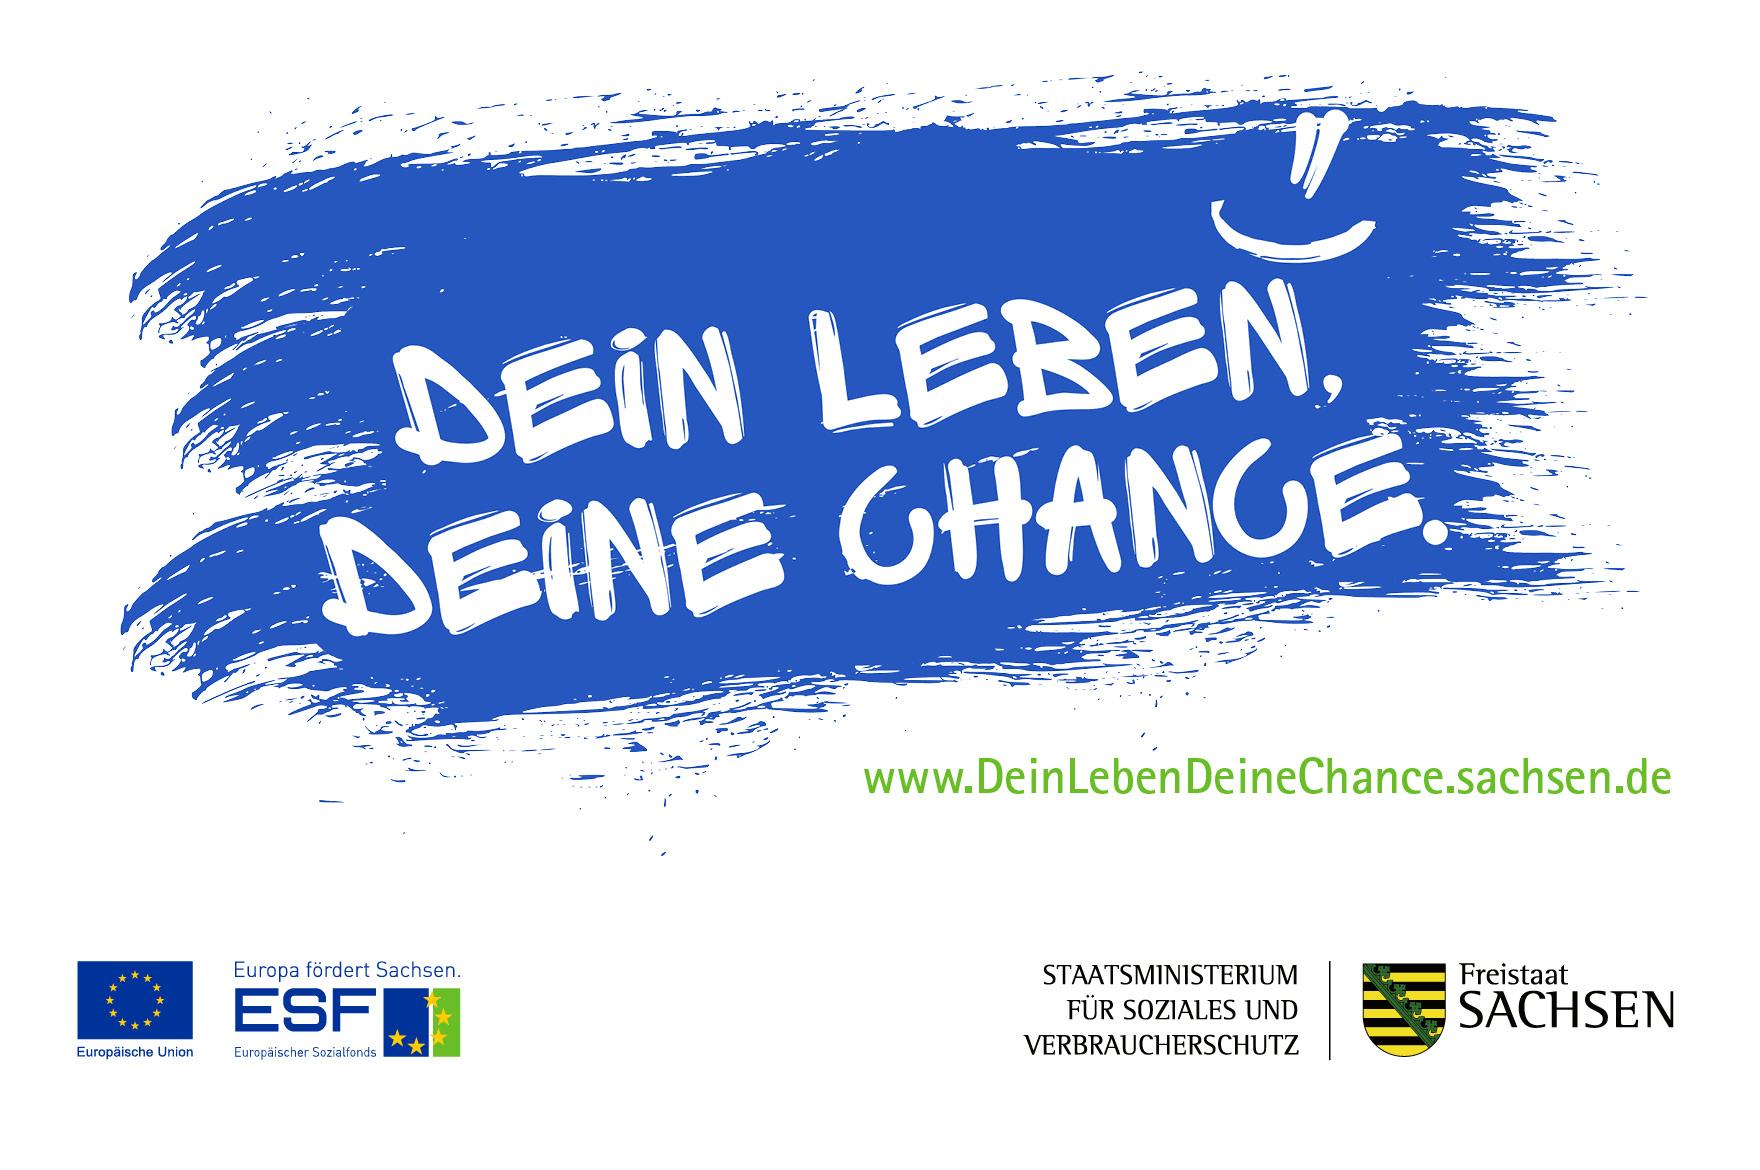 Dein Leben, deine Chance. www.DeinLebenDeineChance.sachsen.de